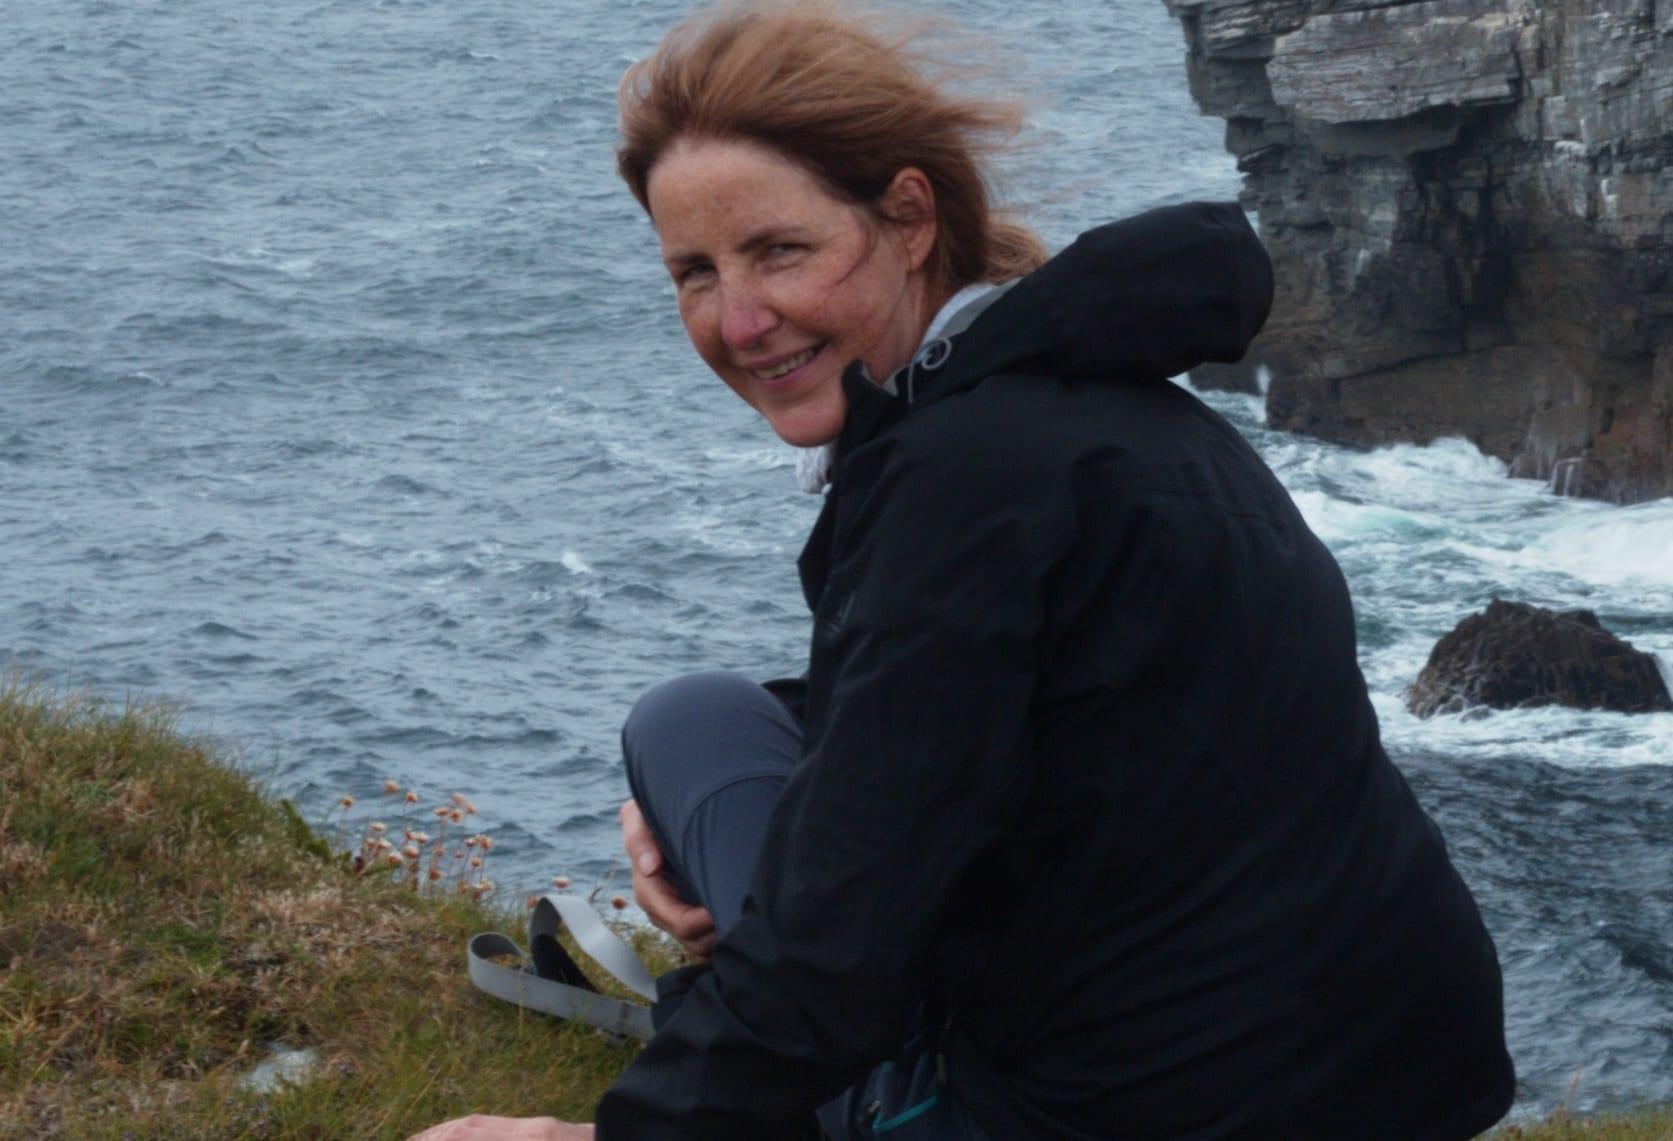 Anita-Donaghy-Profile-Picture